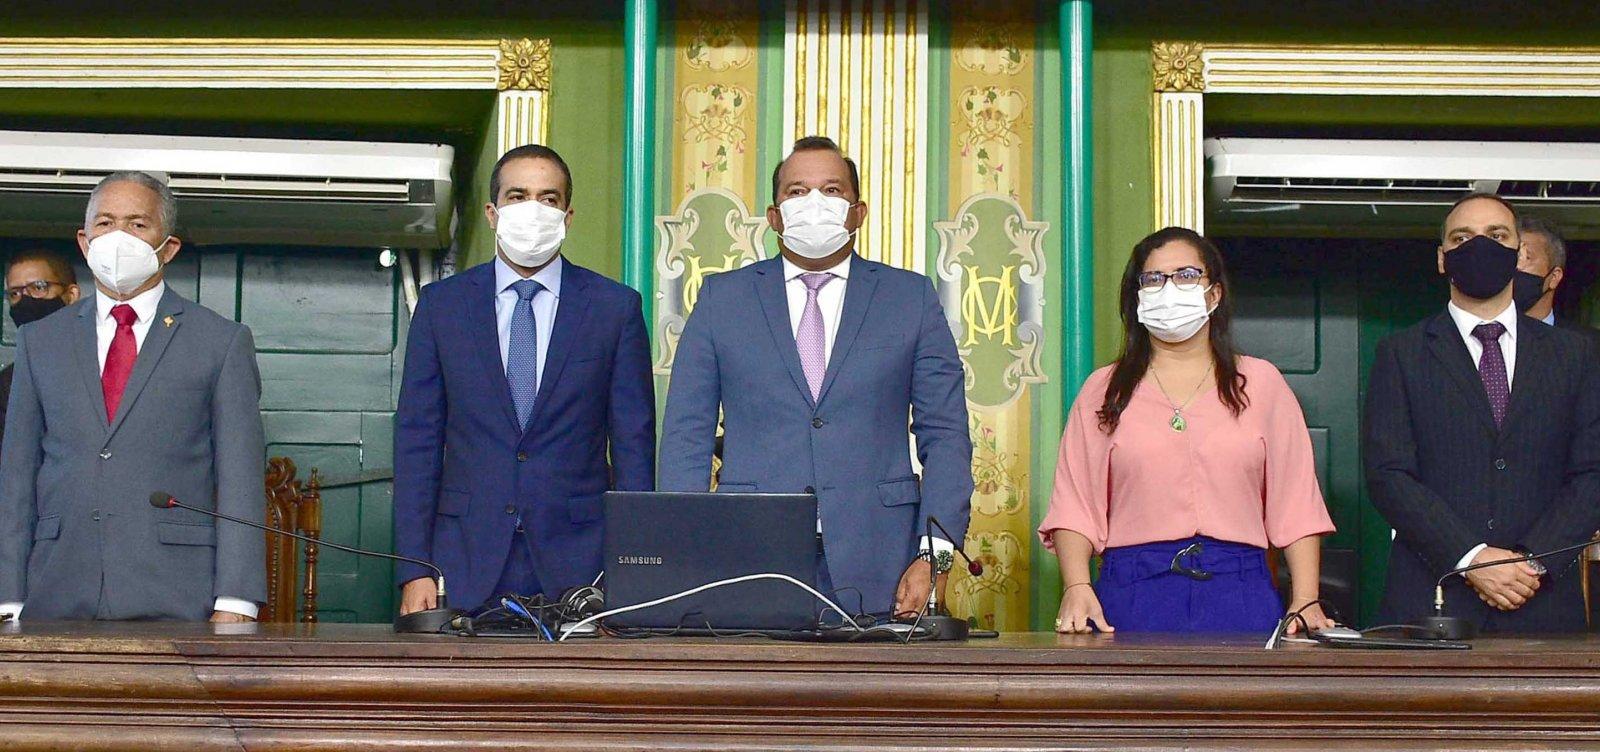 19ª legislatura da Câmara de Vereadores de Salvador dá início aos trabalhos